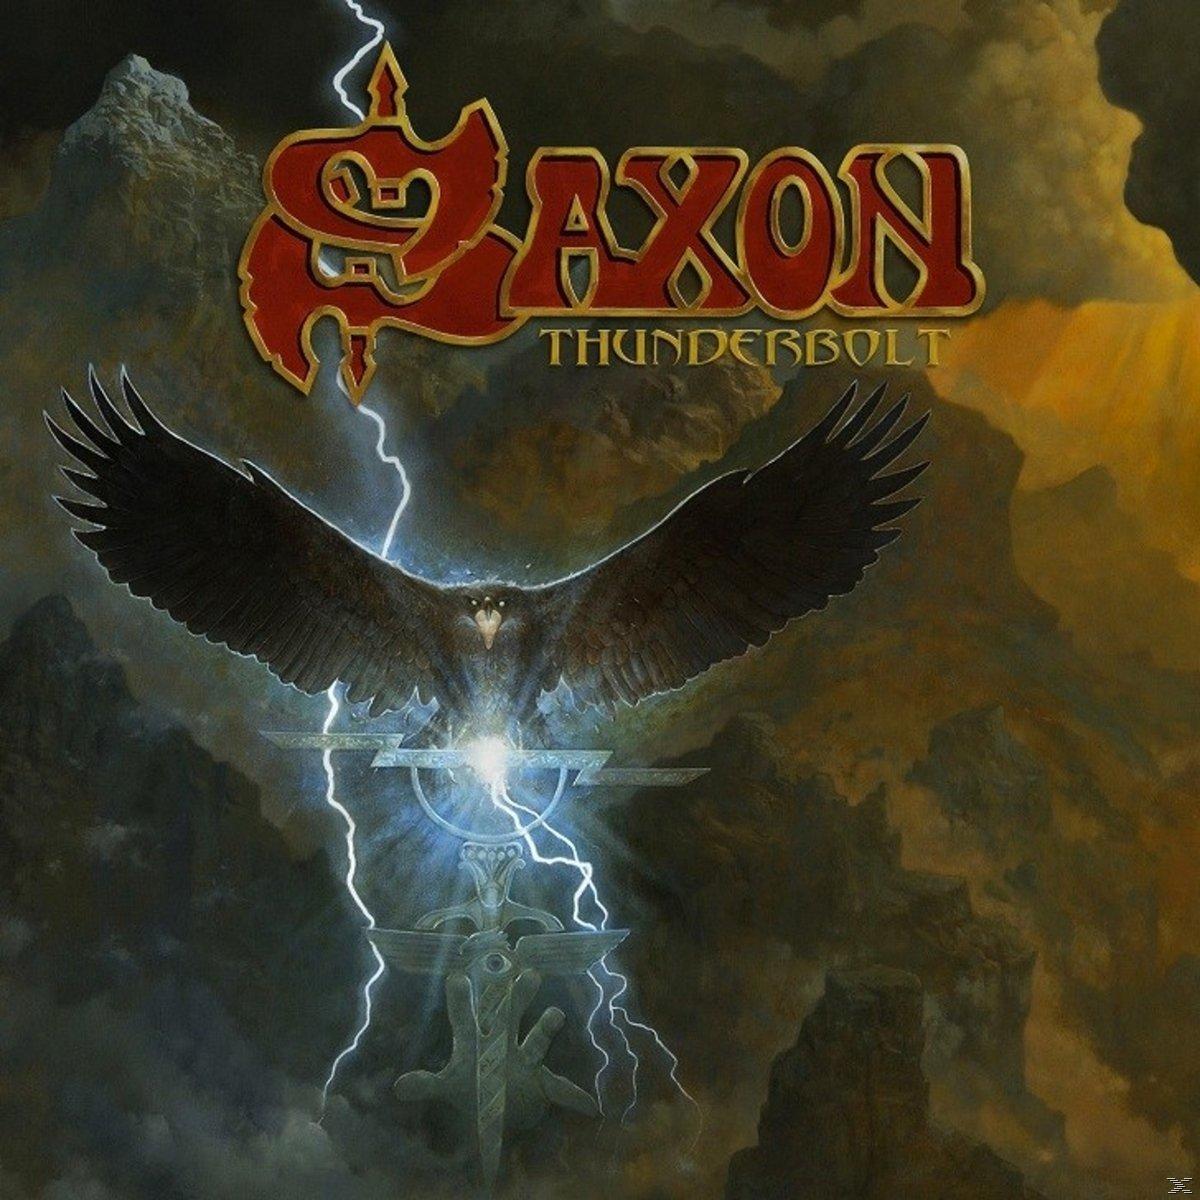 Thunderbolt (Saxon) für 16,99 Euro